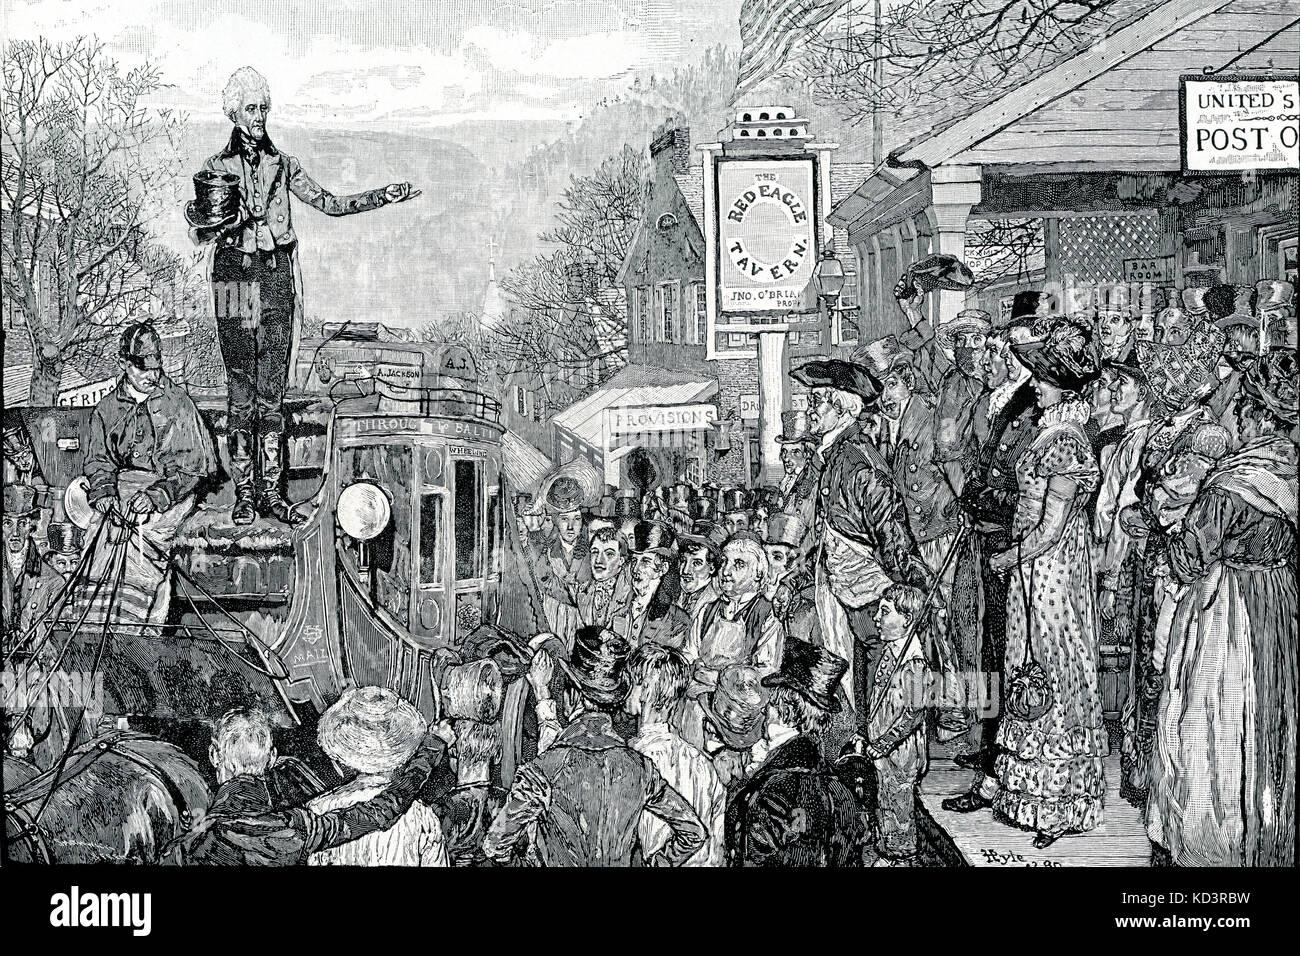 Andrew Jackson en tant que président élu sur son chemin vers Washington, 1829. Septième Président des États-Unis. Illustration de Howard Pyle, 1911 Banque D'Images